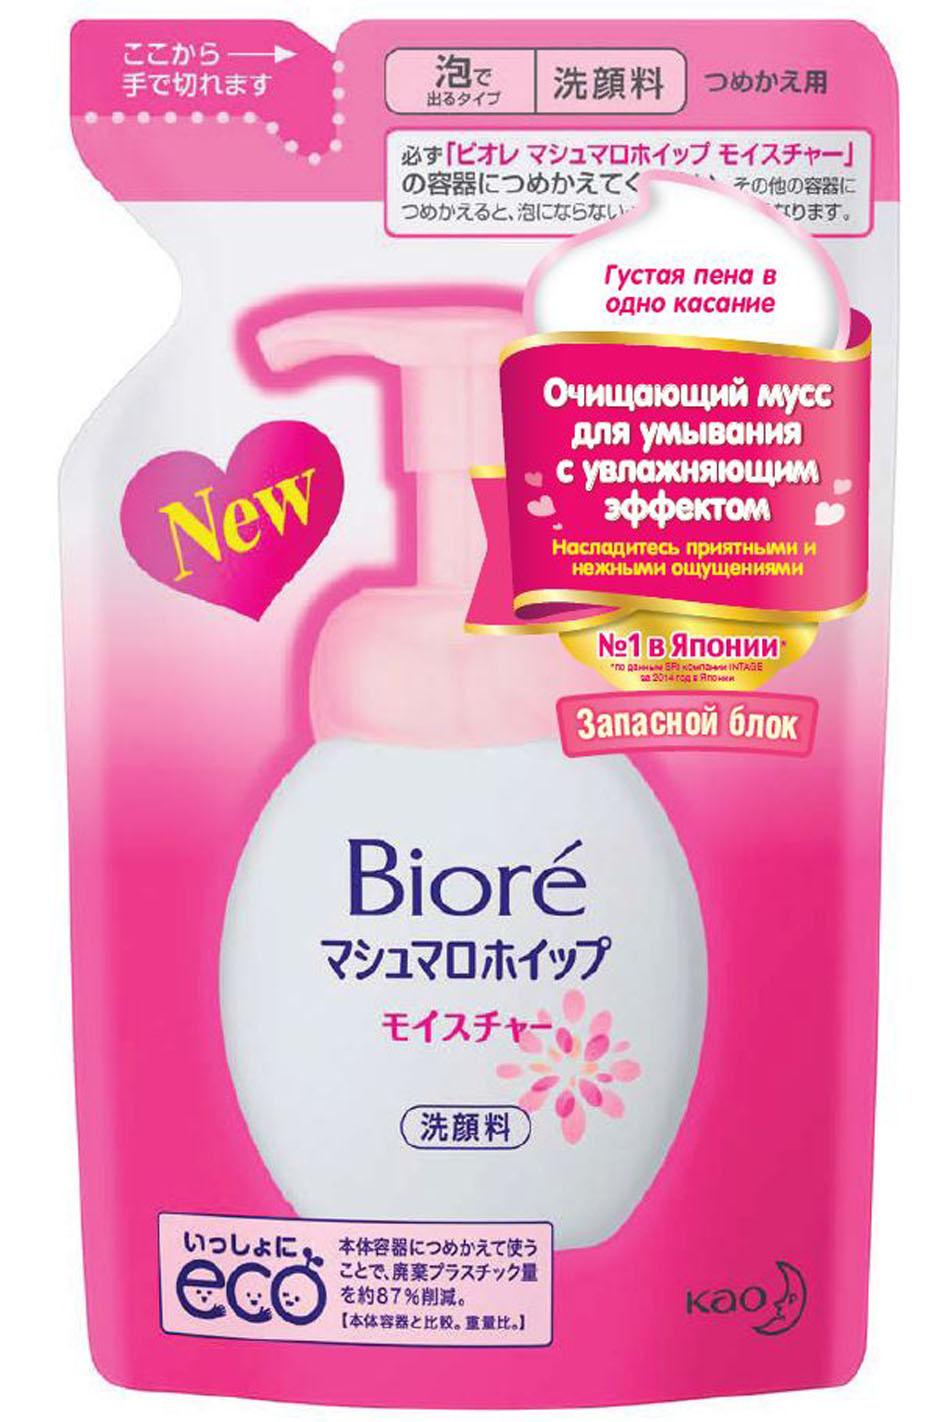 Biore Очищающий мусс для умывания с увлажняющим эффектом Запасной блок 130 млFS-00610Очищающий мусс для умывания с увлажняющим эффектом.Просто нажмите и Вы получите густую пену, похожую на маршмеллоу. Насладитесь приятными и нежными ощущениями. Уникальная технология SPT от KAO гарантирует тщательное, но бережное очищение кожи. Подходит для нормальной и комбинированной кожи. Мусс выполняет 3 функции: Очищение от загрязнений - без повреждения; Помощь – увлажнение, питание, восстановление; Защита от вредного воздействия UV лучей. Имеет легкий свежий цветочный аромат. Не содержит спирта, можно использовать на области вокруг глаз!